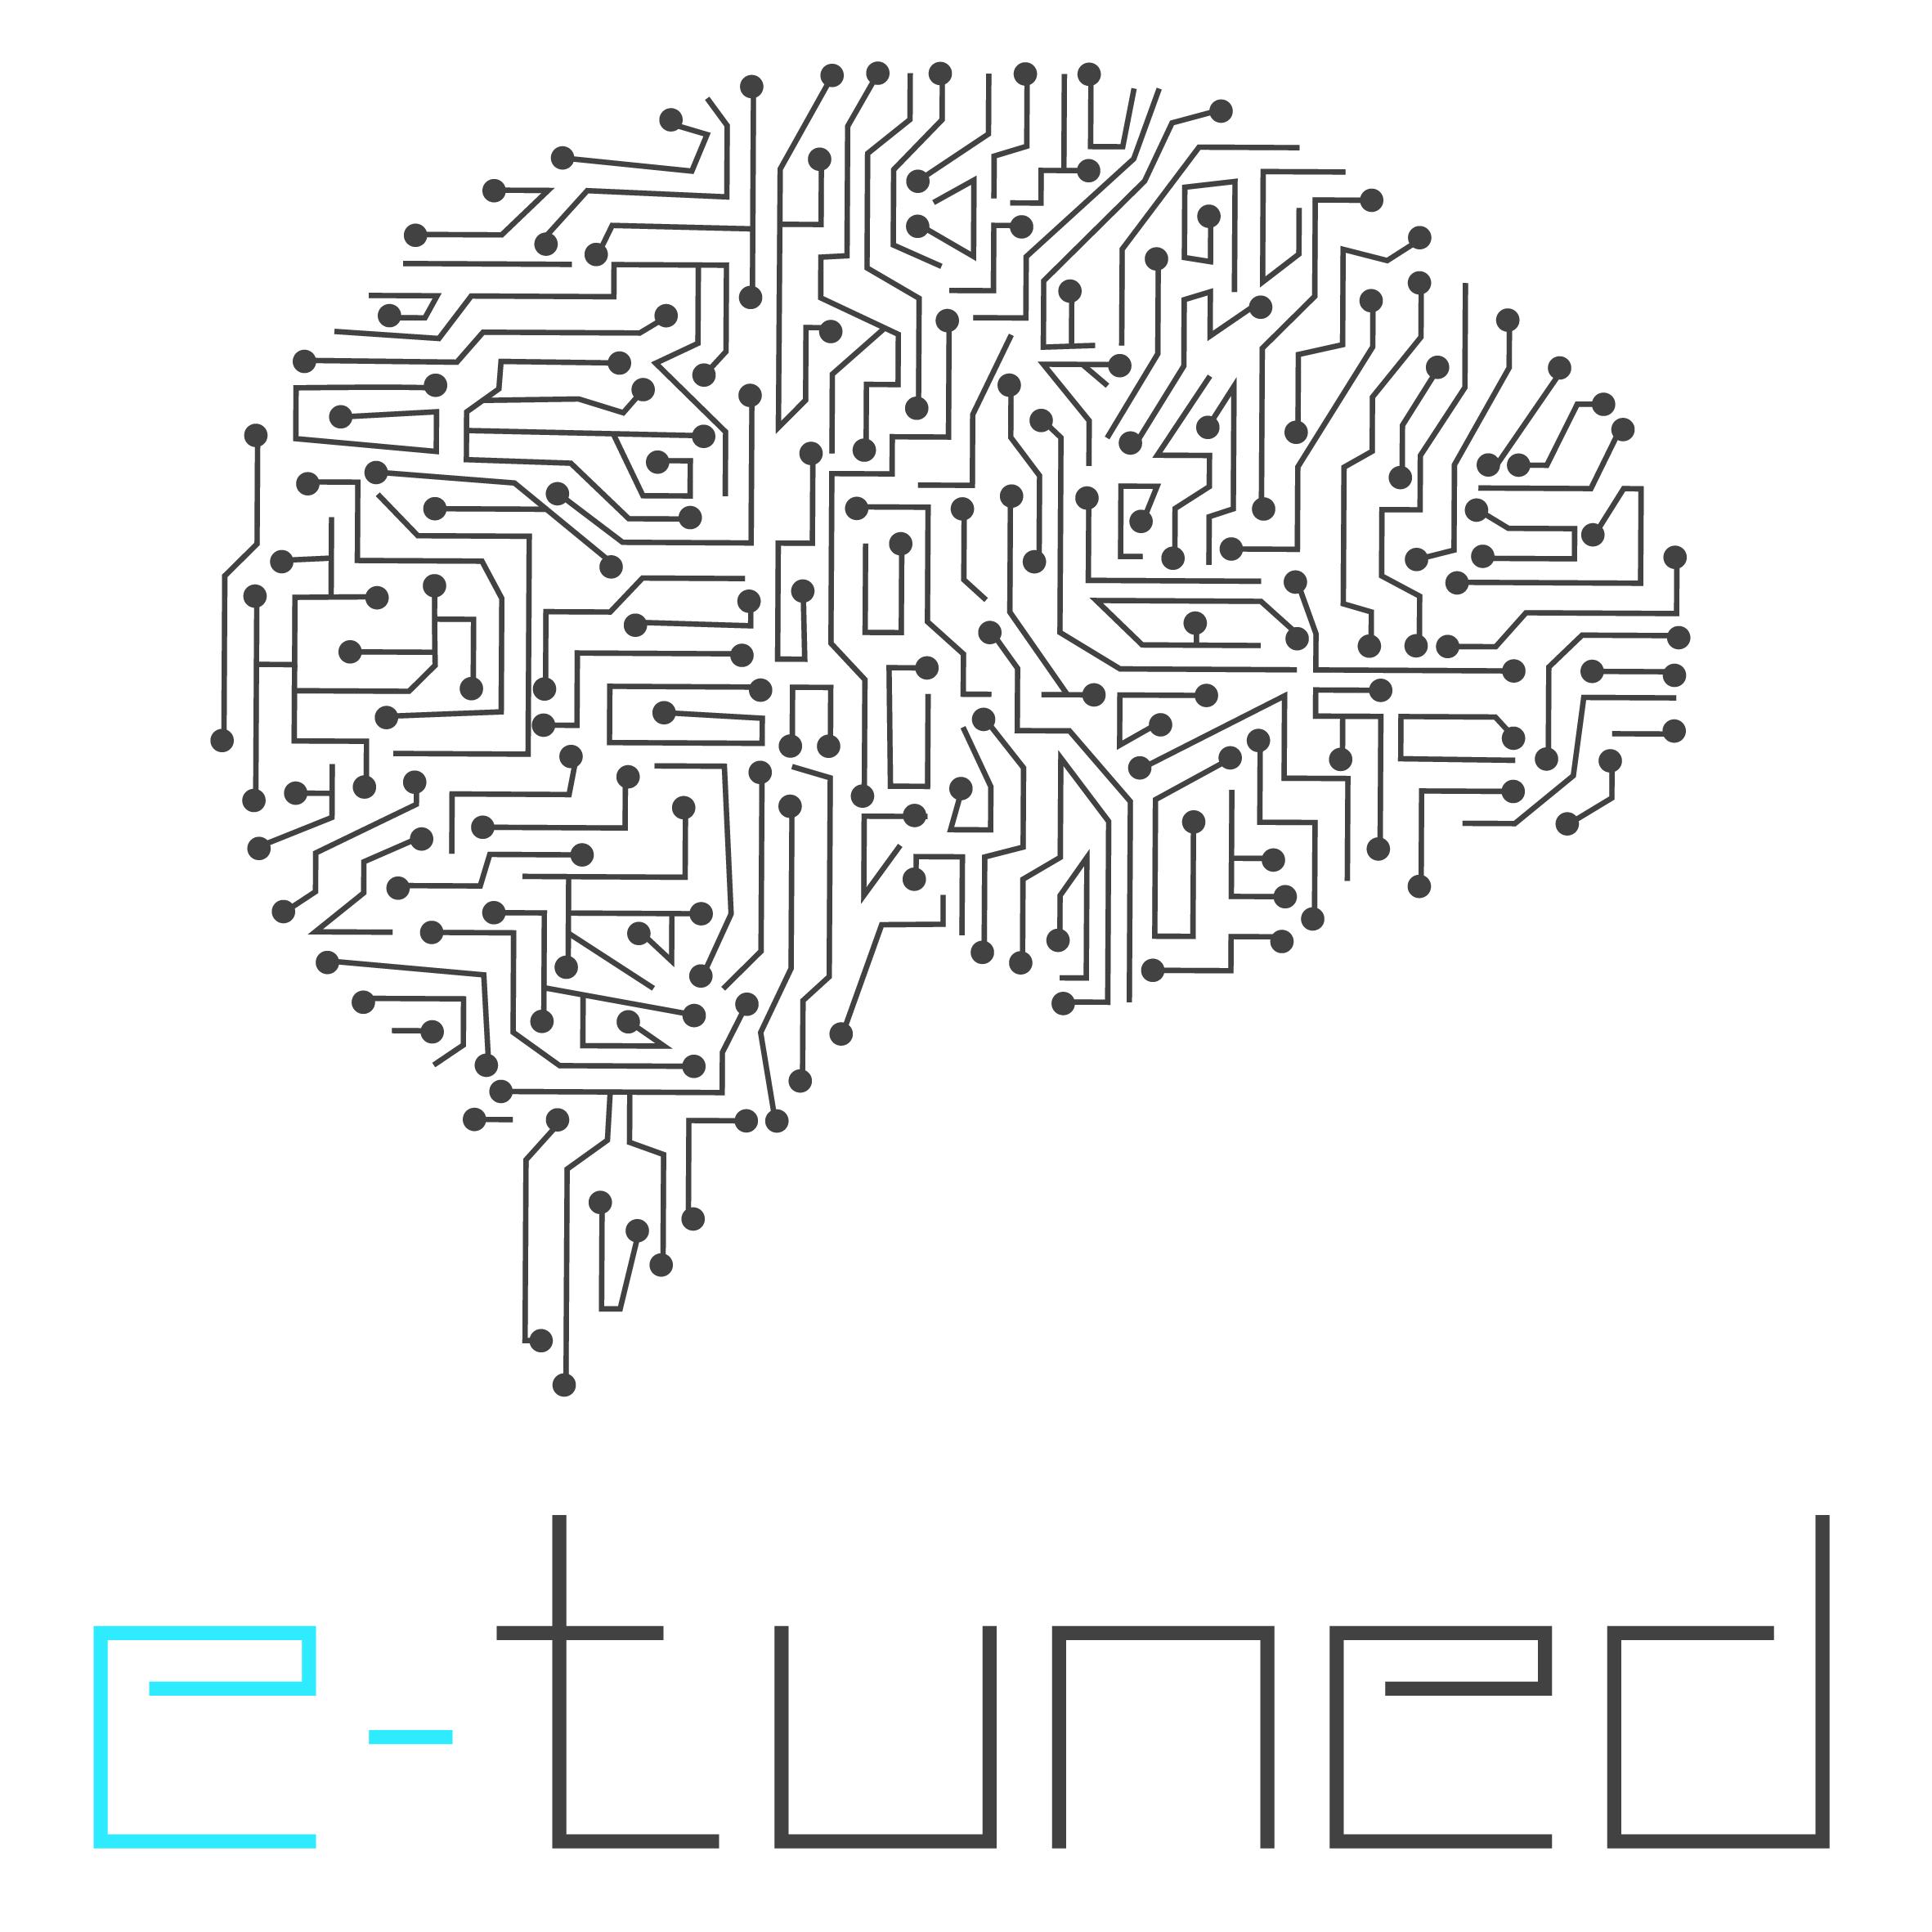 logo e-tuned_Plan de travail 1_Plan de travail 1_Plan de travail 1